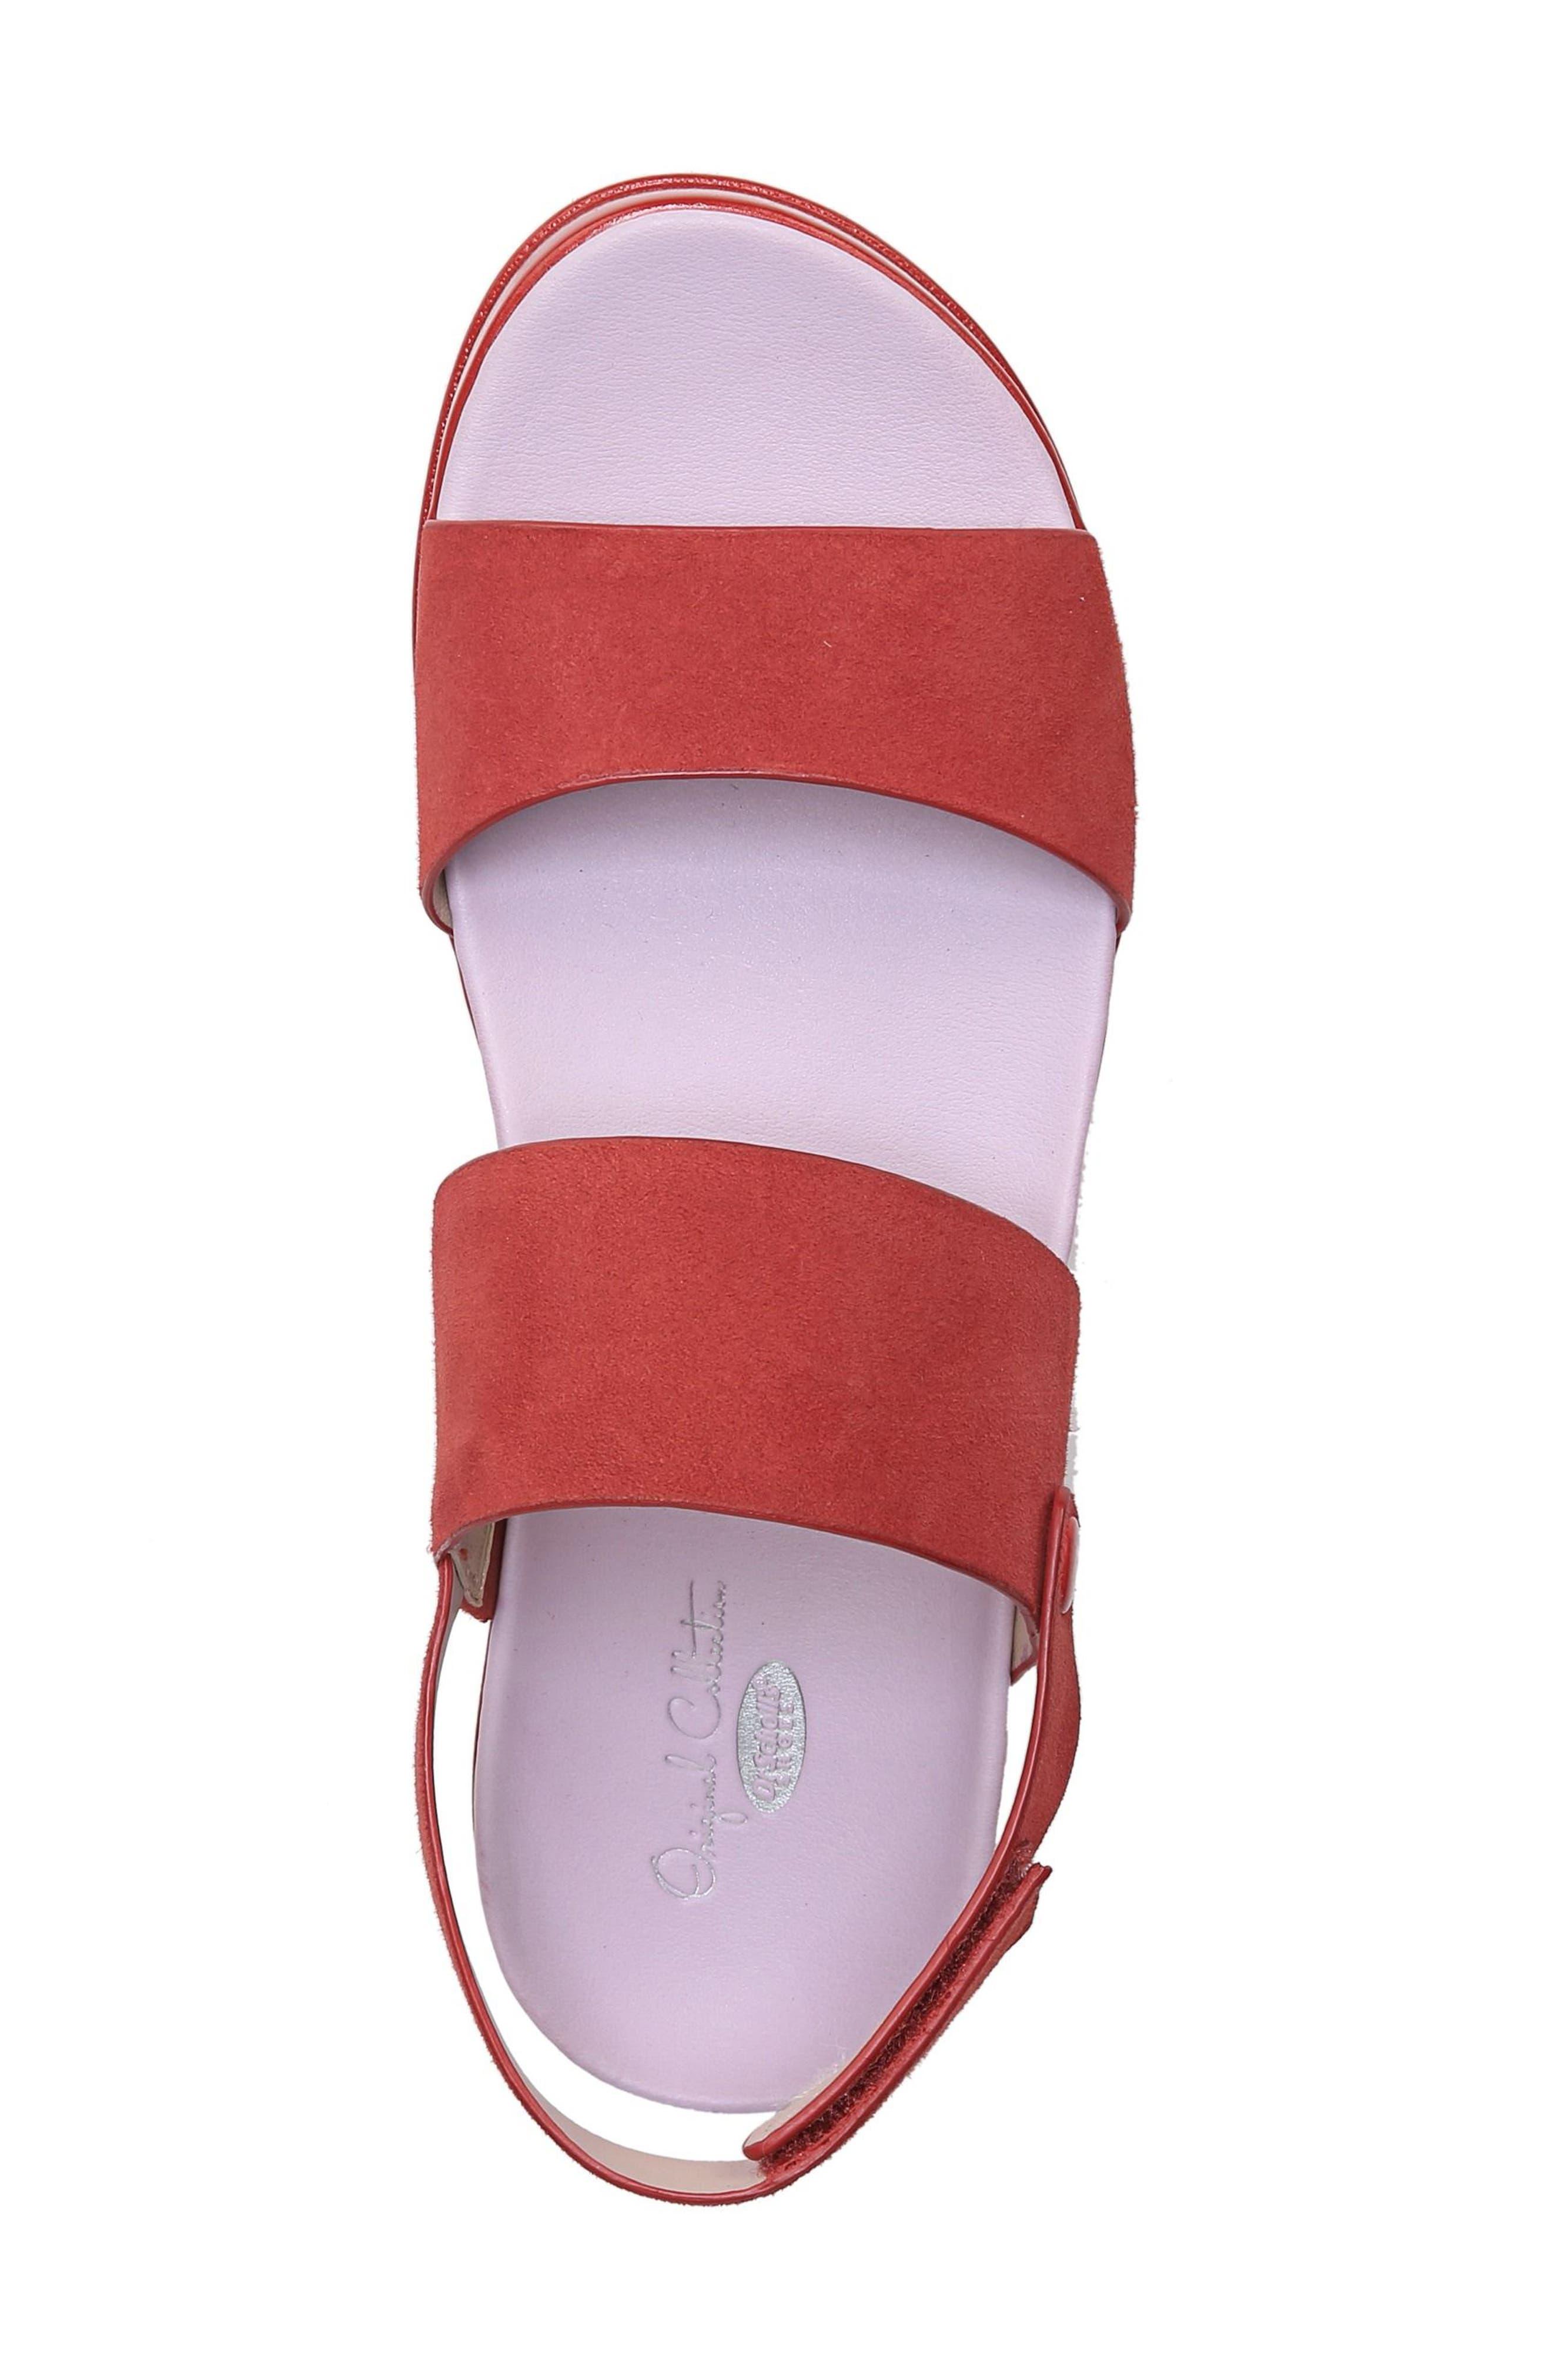 Scout Platform Sandal,                             Alternate thumbnail 5, color,                             Paprika Suede